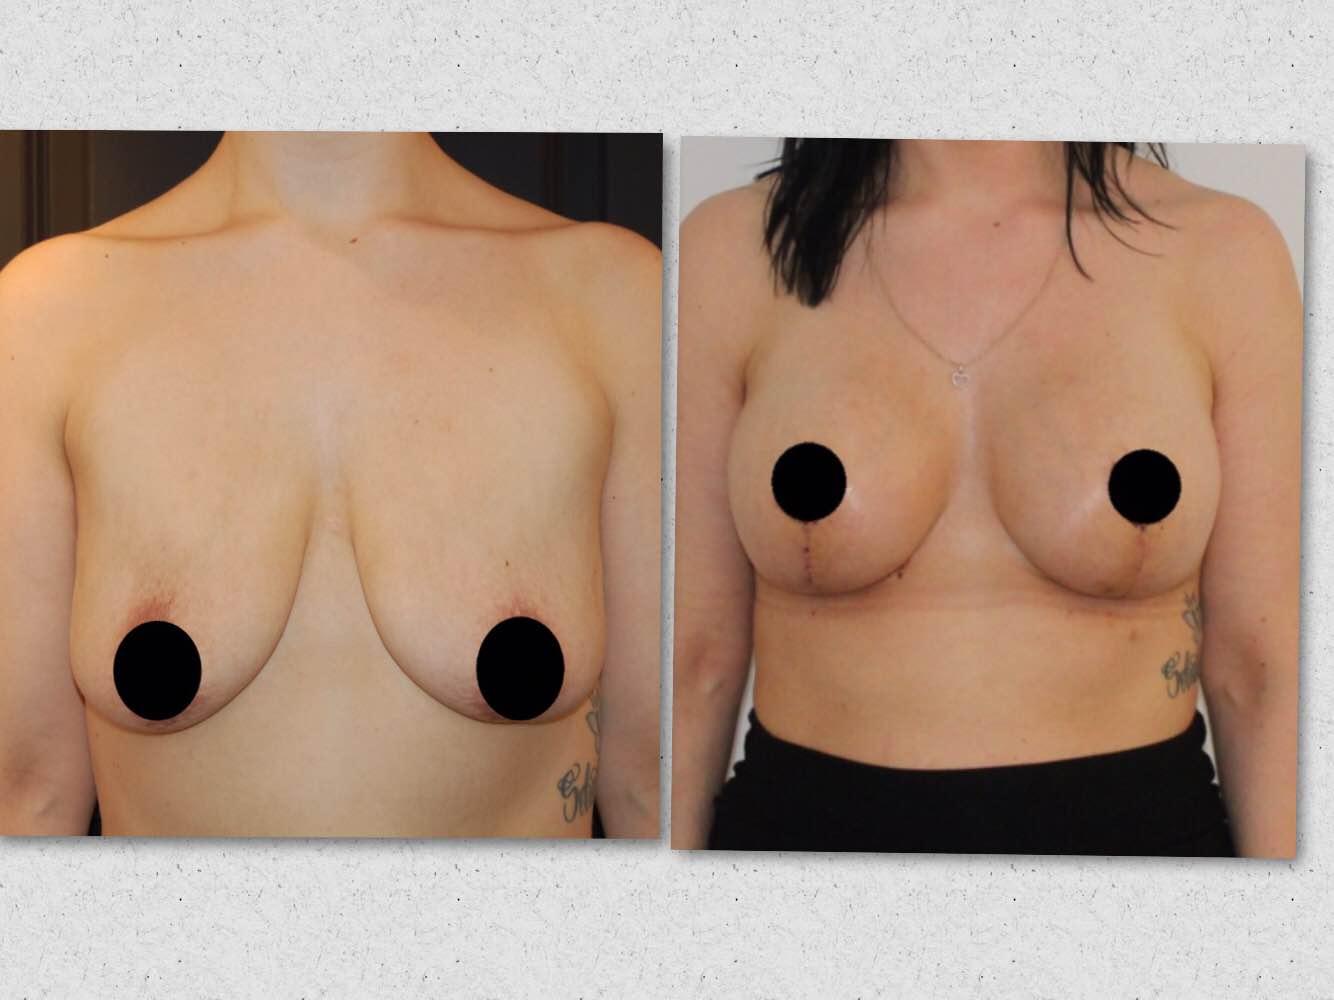 silikone bryster før og efter